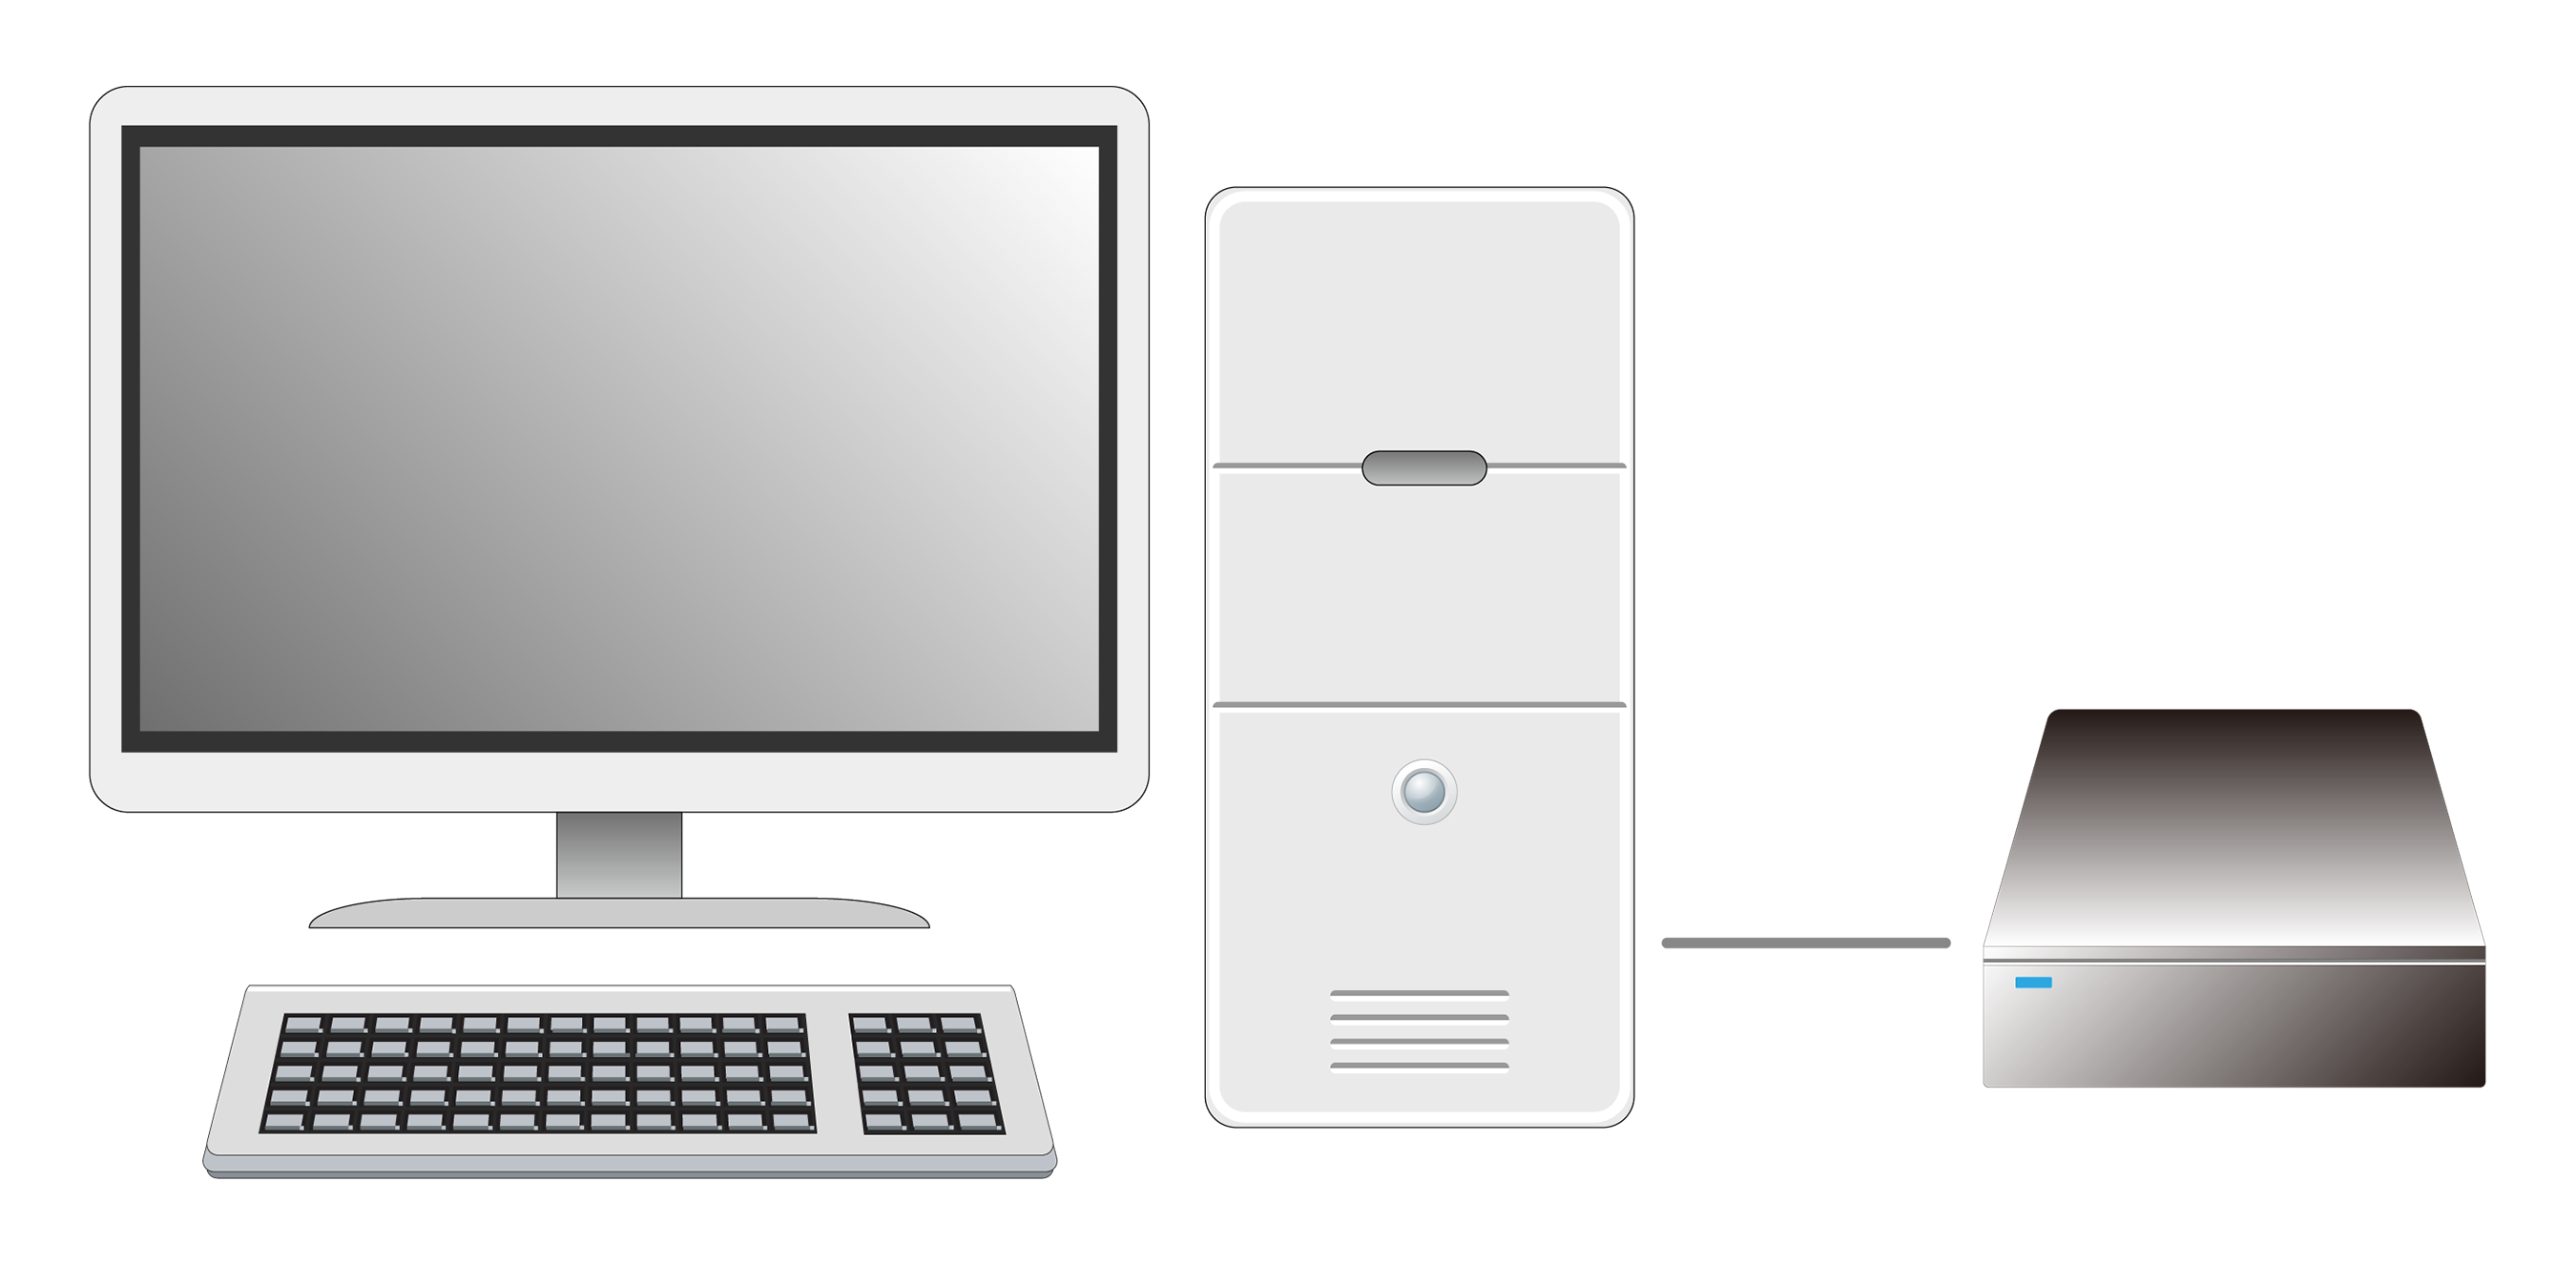 デスクトップパソコン及び外付けHDD